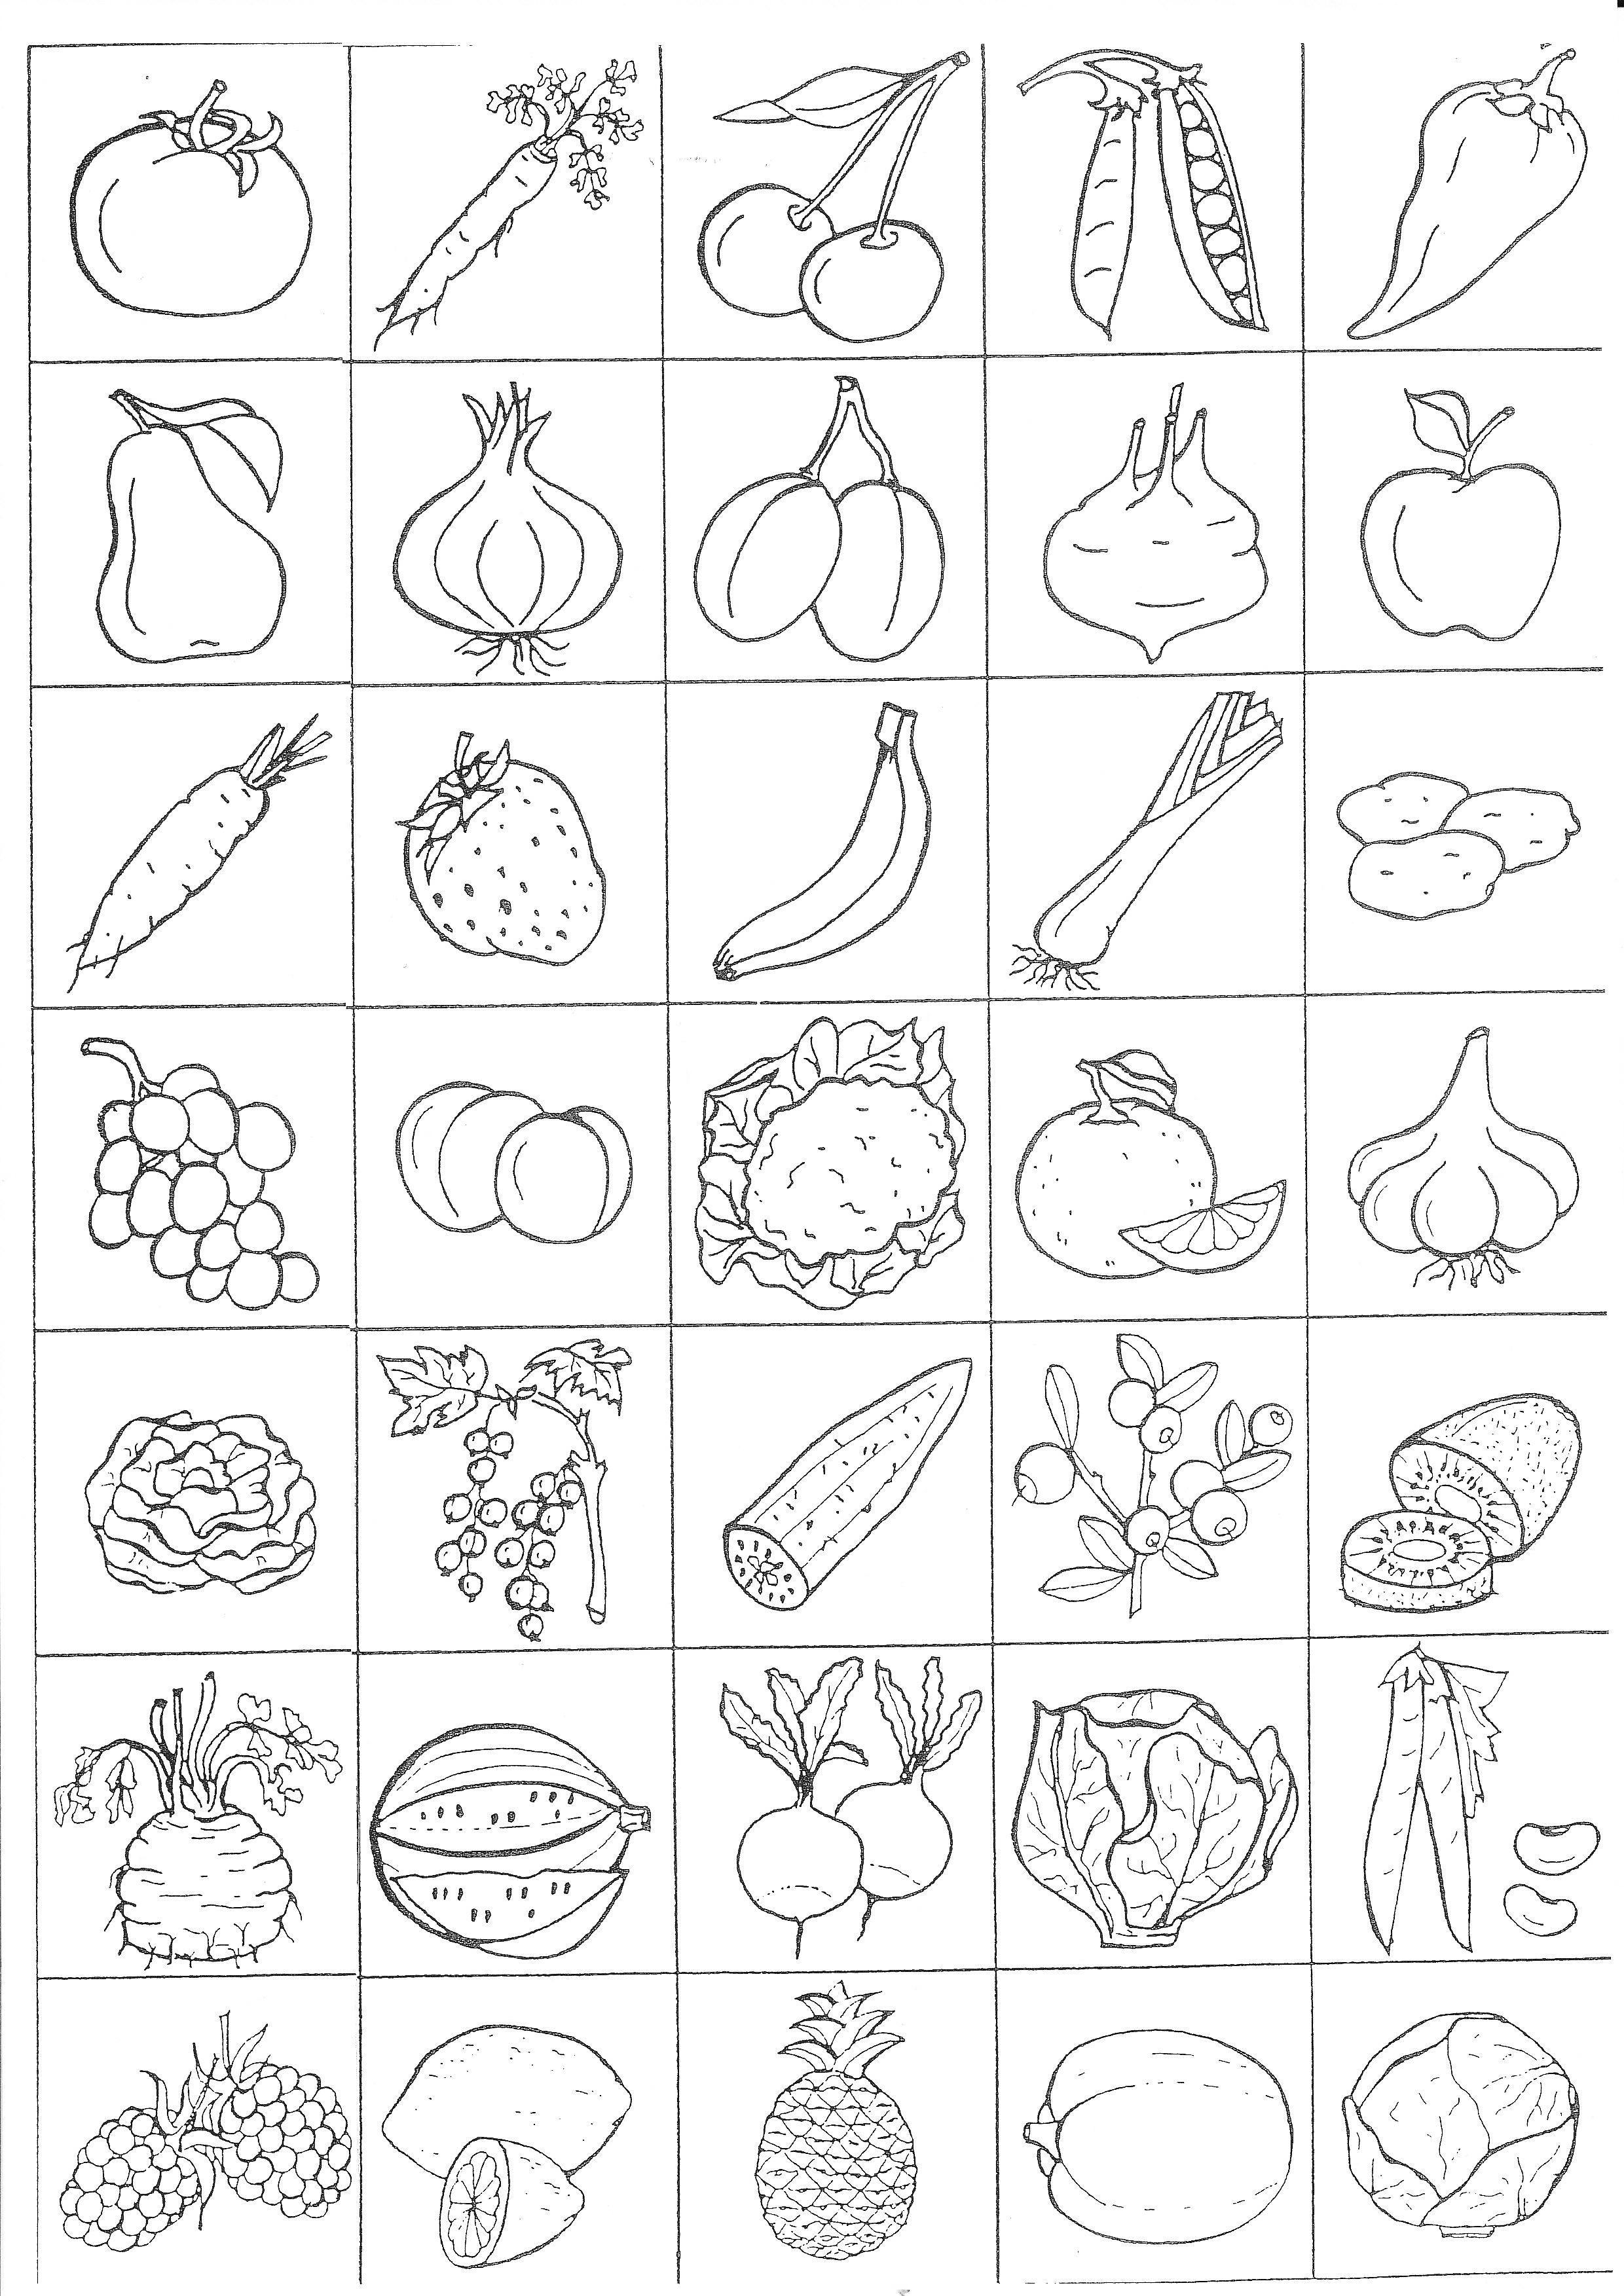 Ovoce a zelenina | Töölehed lastele | Pinterest | Obst und gemüse ...